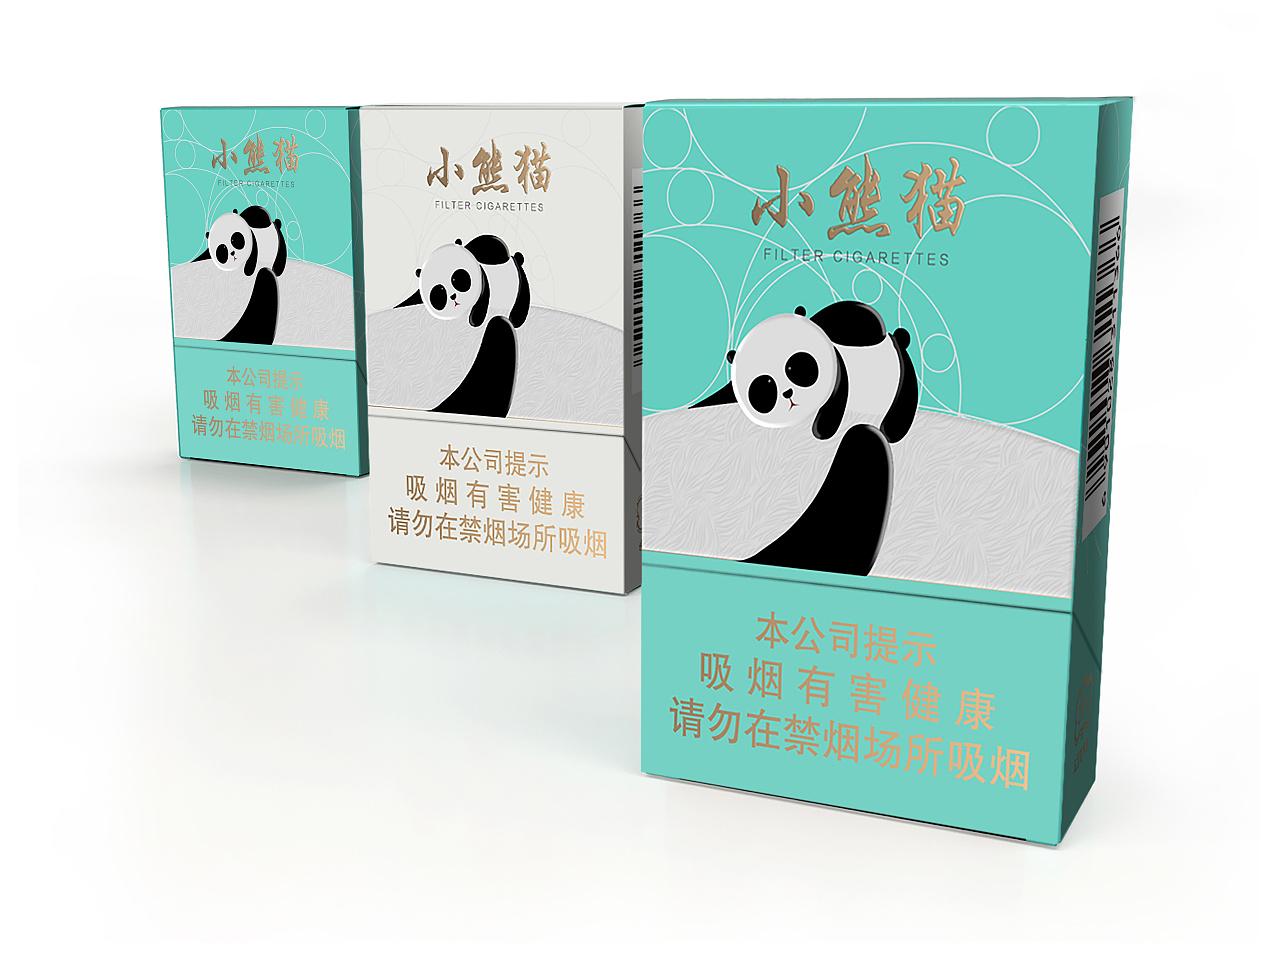 请教这条绿色小熊猫是什么价位? - 烟草杂谈 - 烟悦... - 手机版